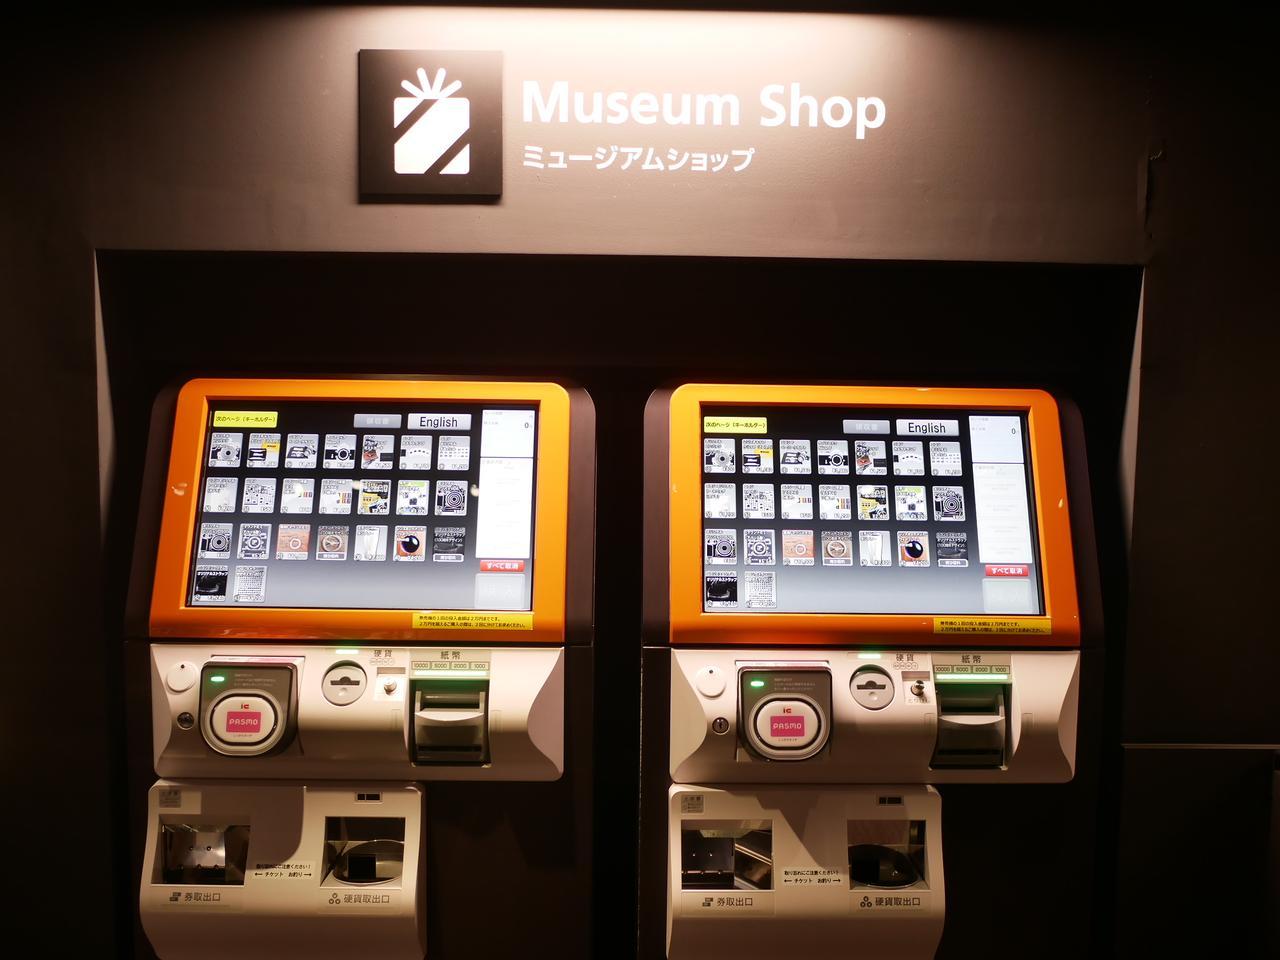 画像: 自販機で買えるんです、すごいっすね。